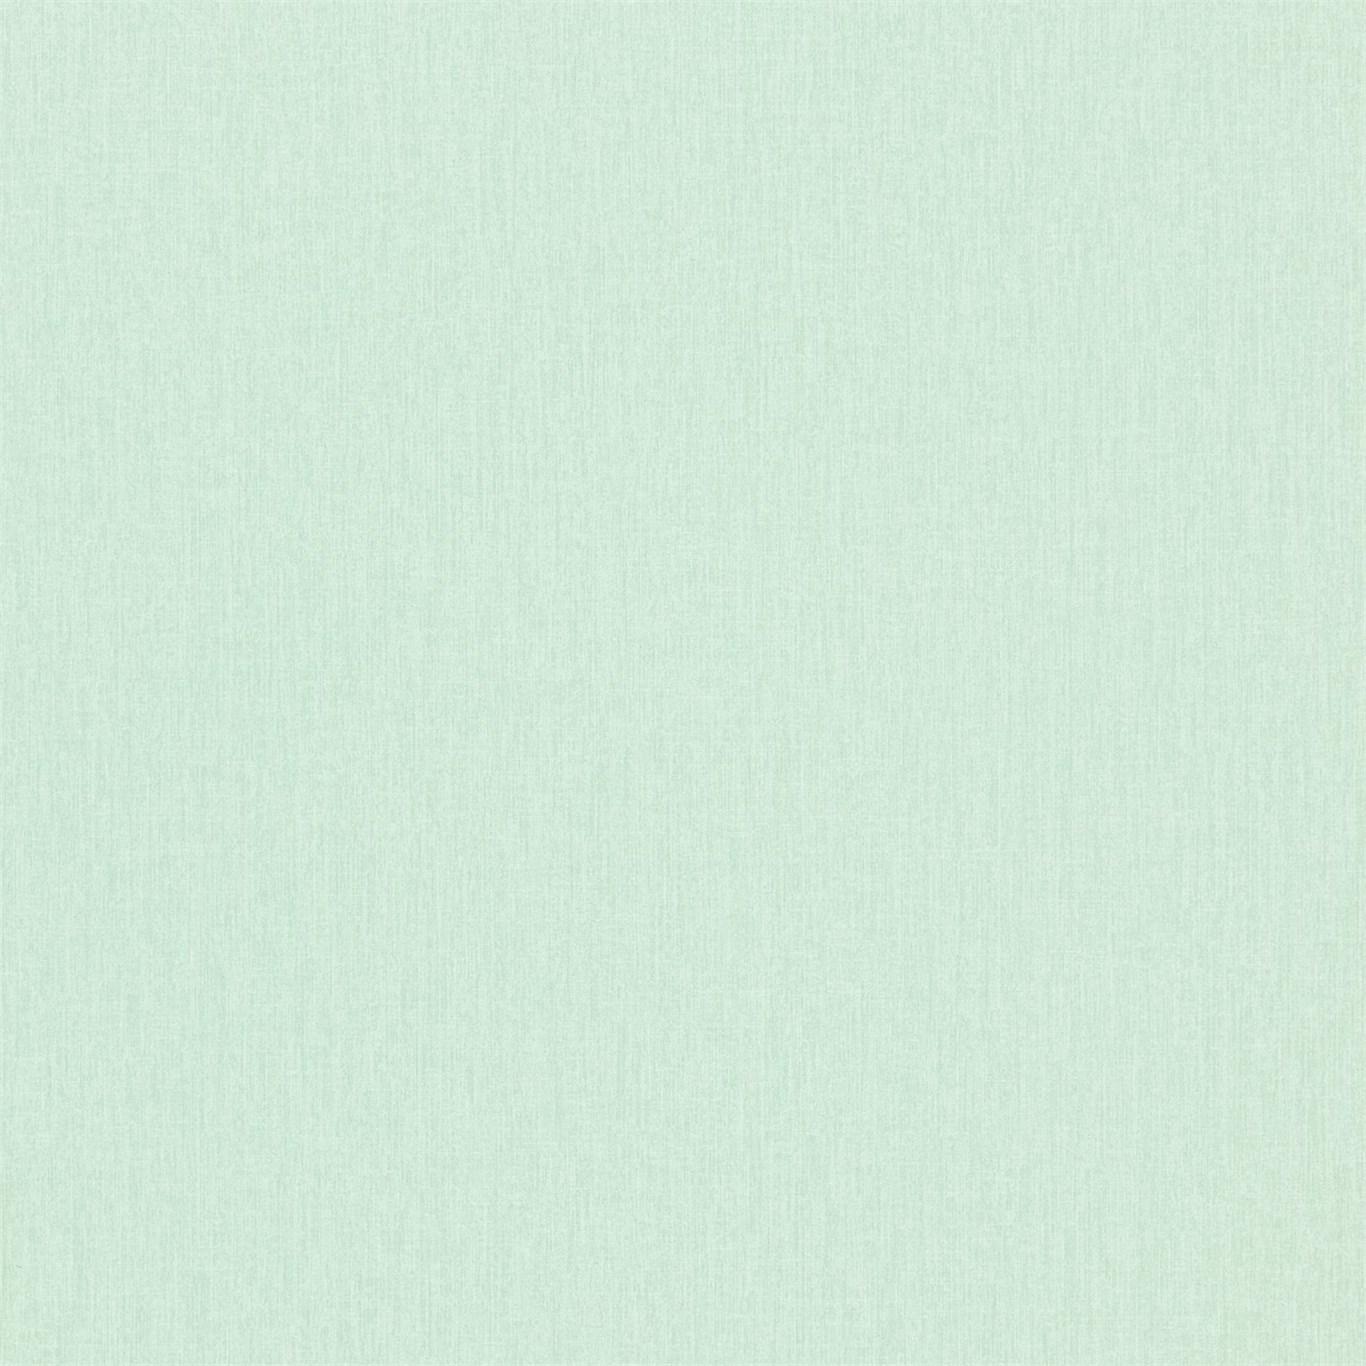 Английские обои Sanderson,  коллекция Maycott, артикулDMAY211970